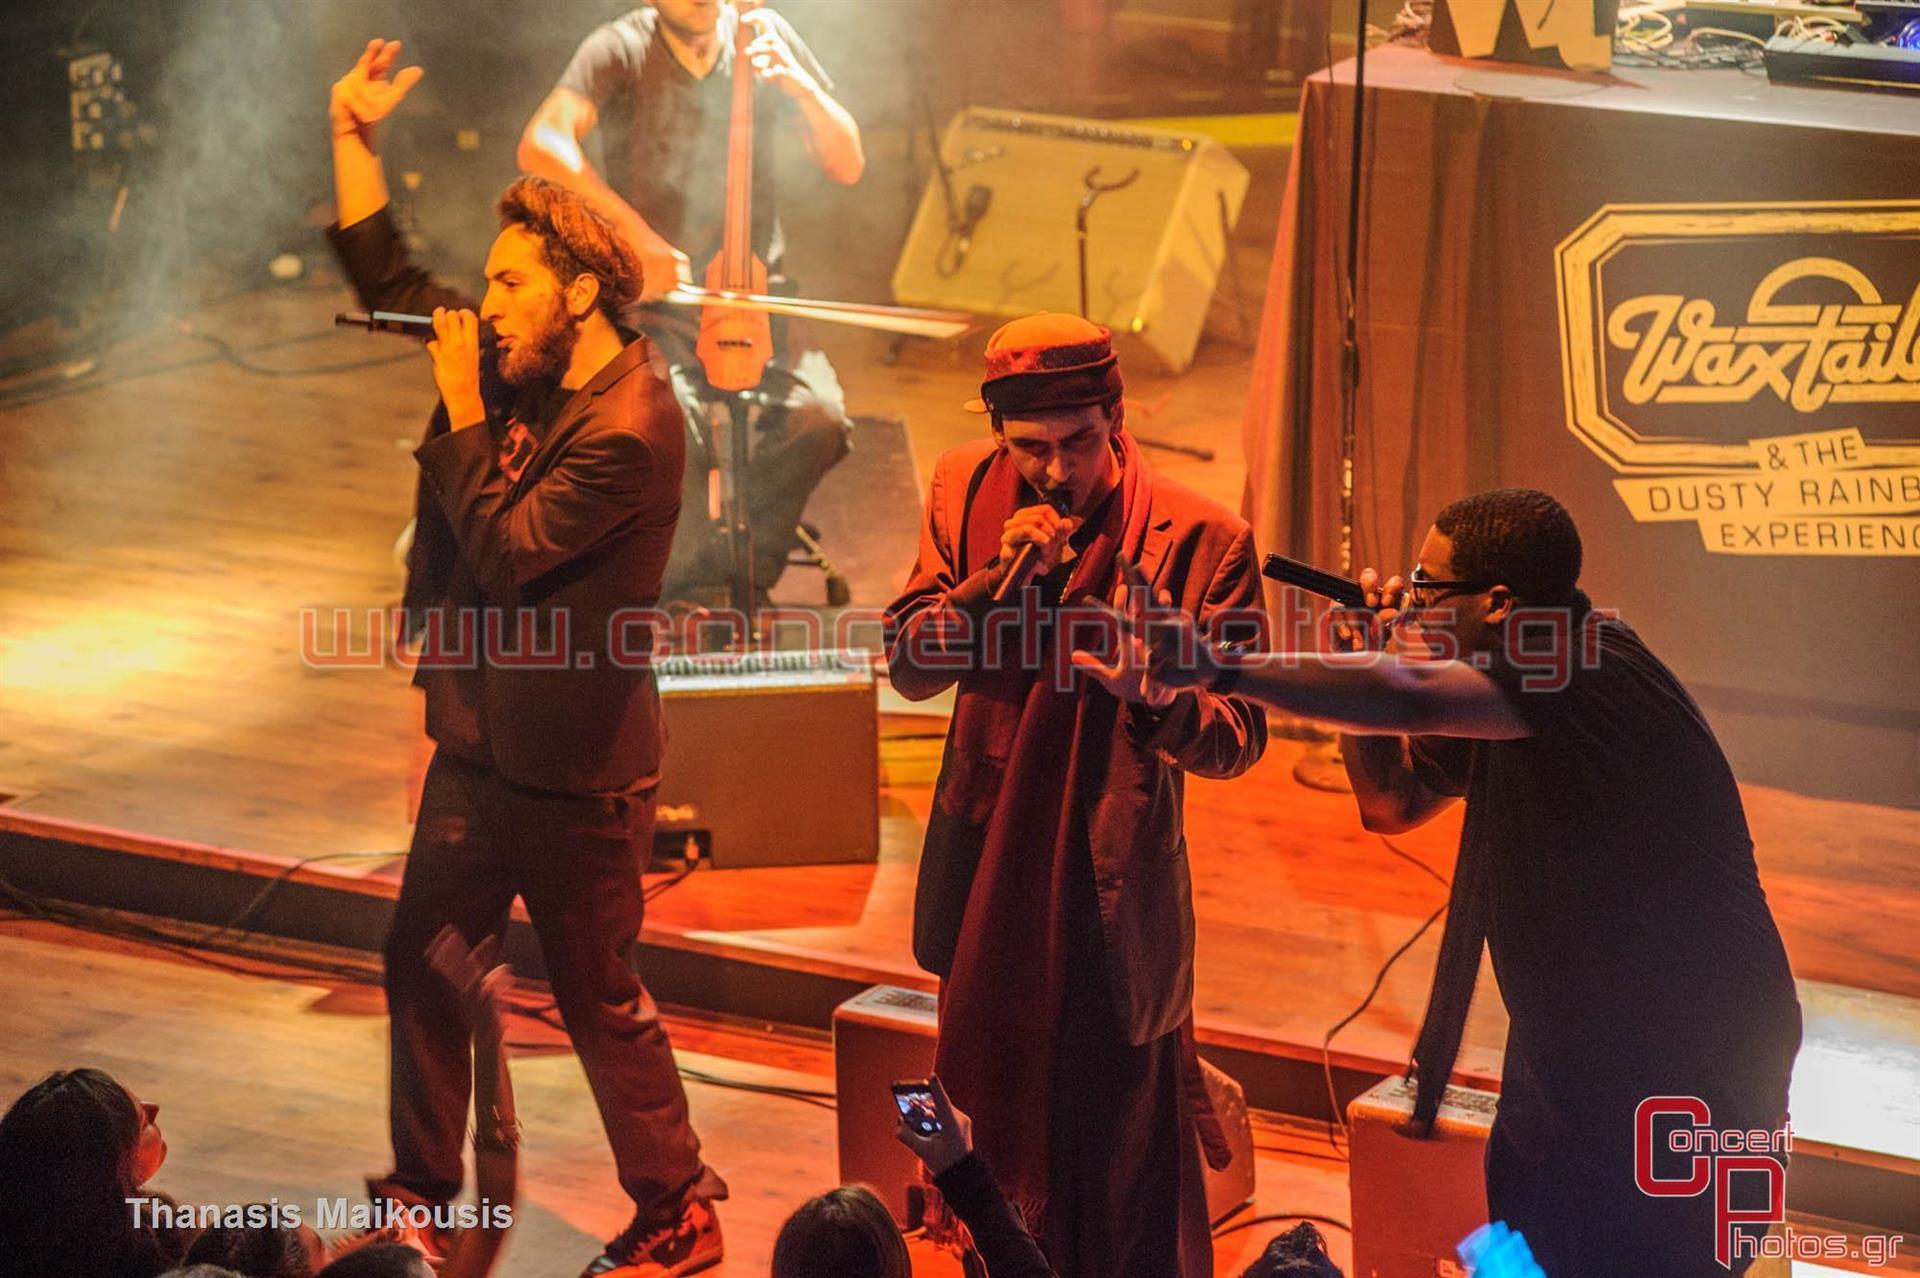 Wax Tailor - photographer: Thanasis Maikousis - ConcertPhotos-8167